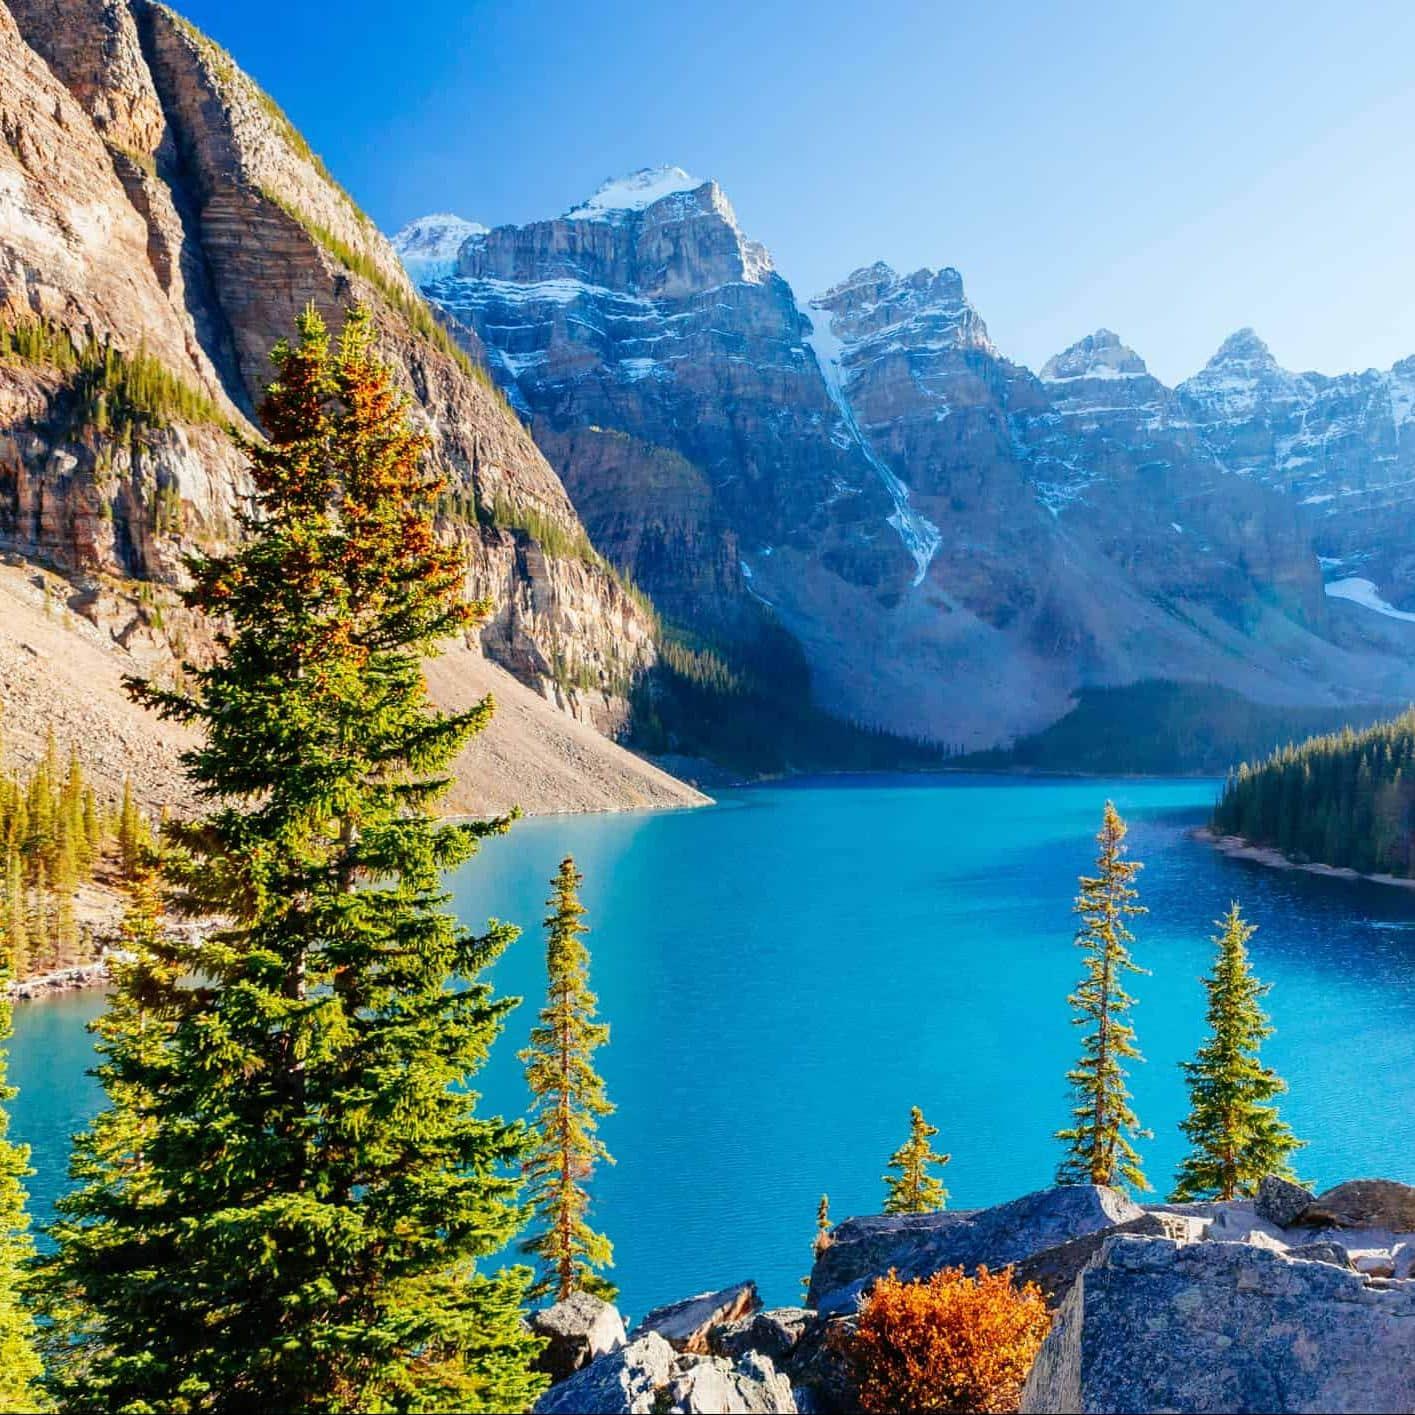 rejser til canada